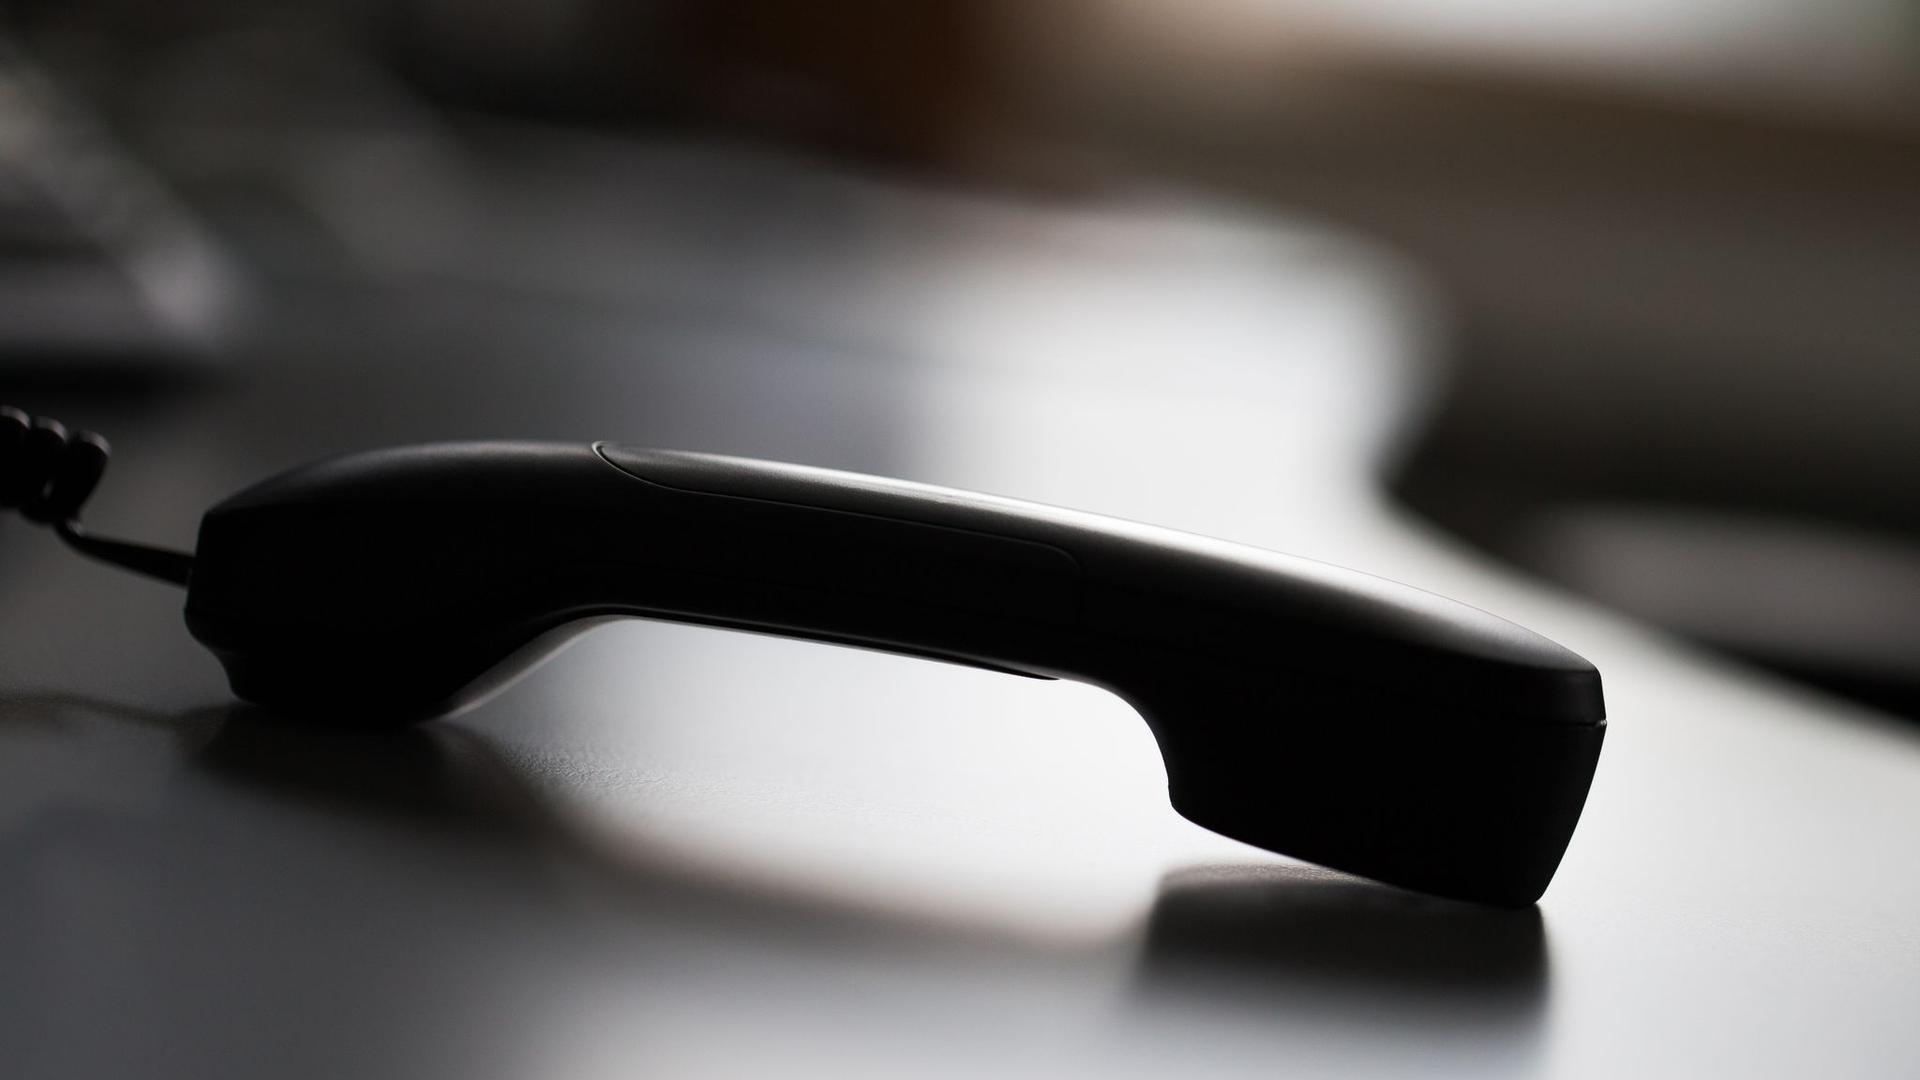 Ein Telefonhörer liegt auf einem Tisch.